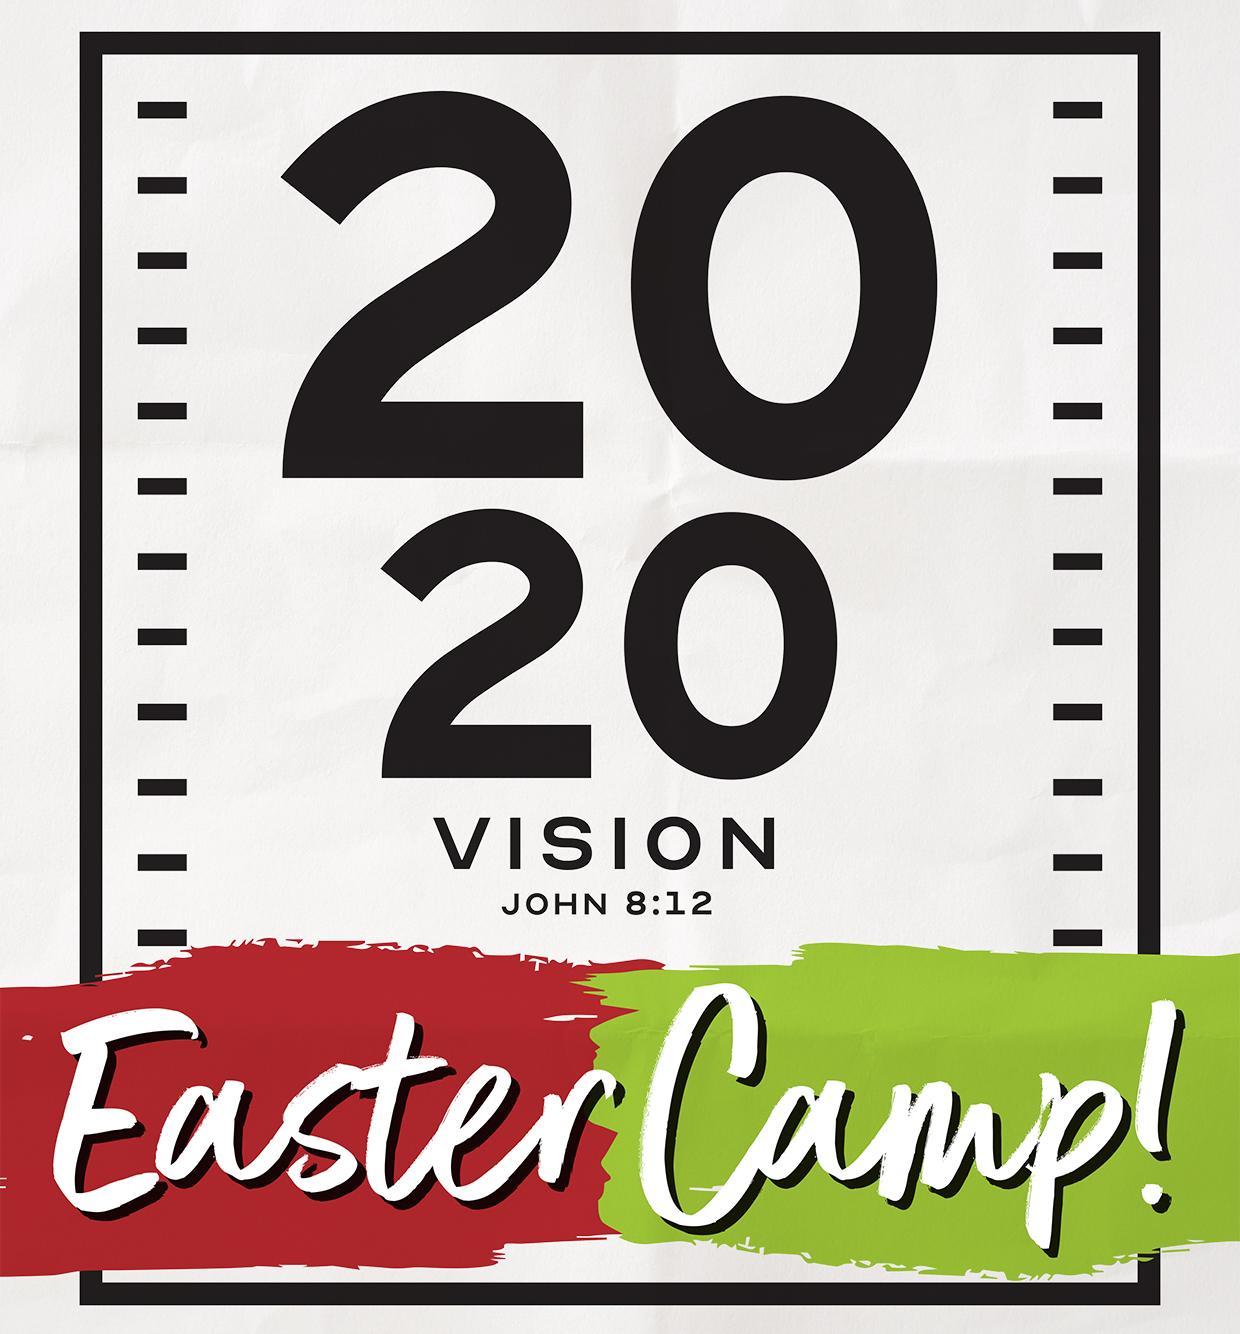 POSTPONED - EASTER CAMP 2020!